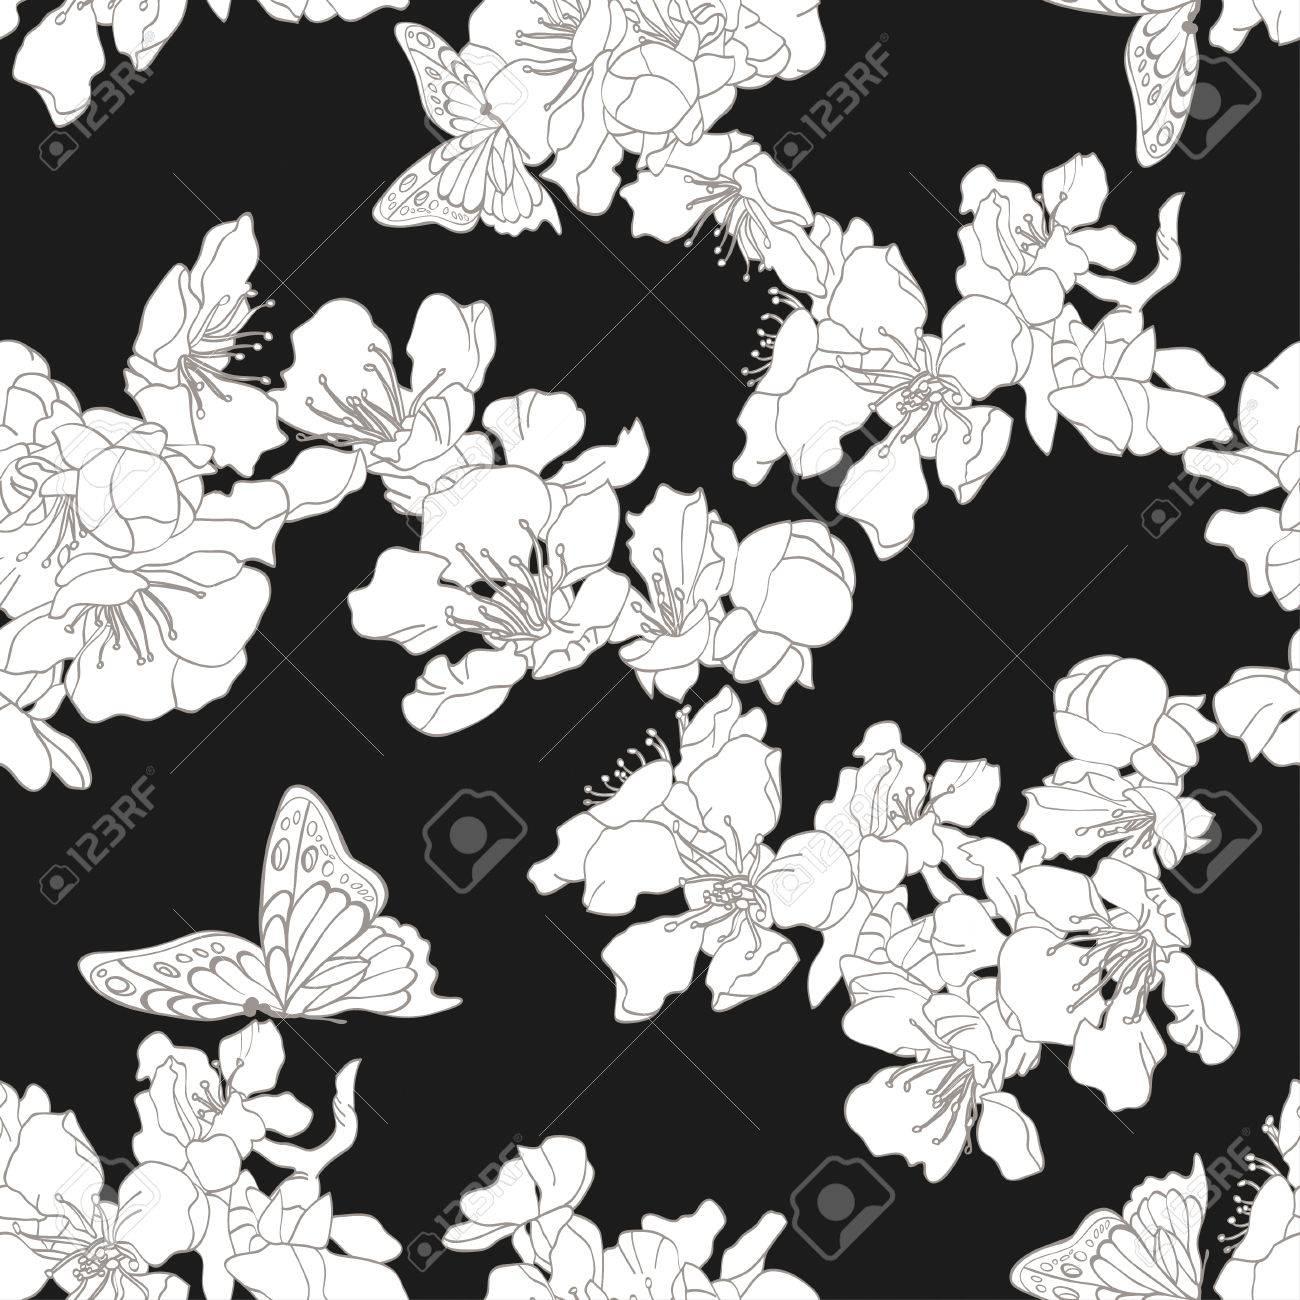 Carta Da Parati Floreale Bianco E Nero.Vettoriale Monocromatico Sfondo Bianco E Nero Senza Soluzione